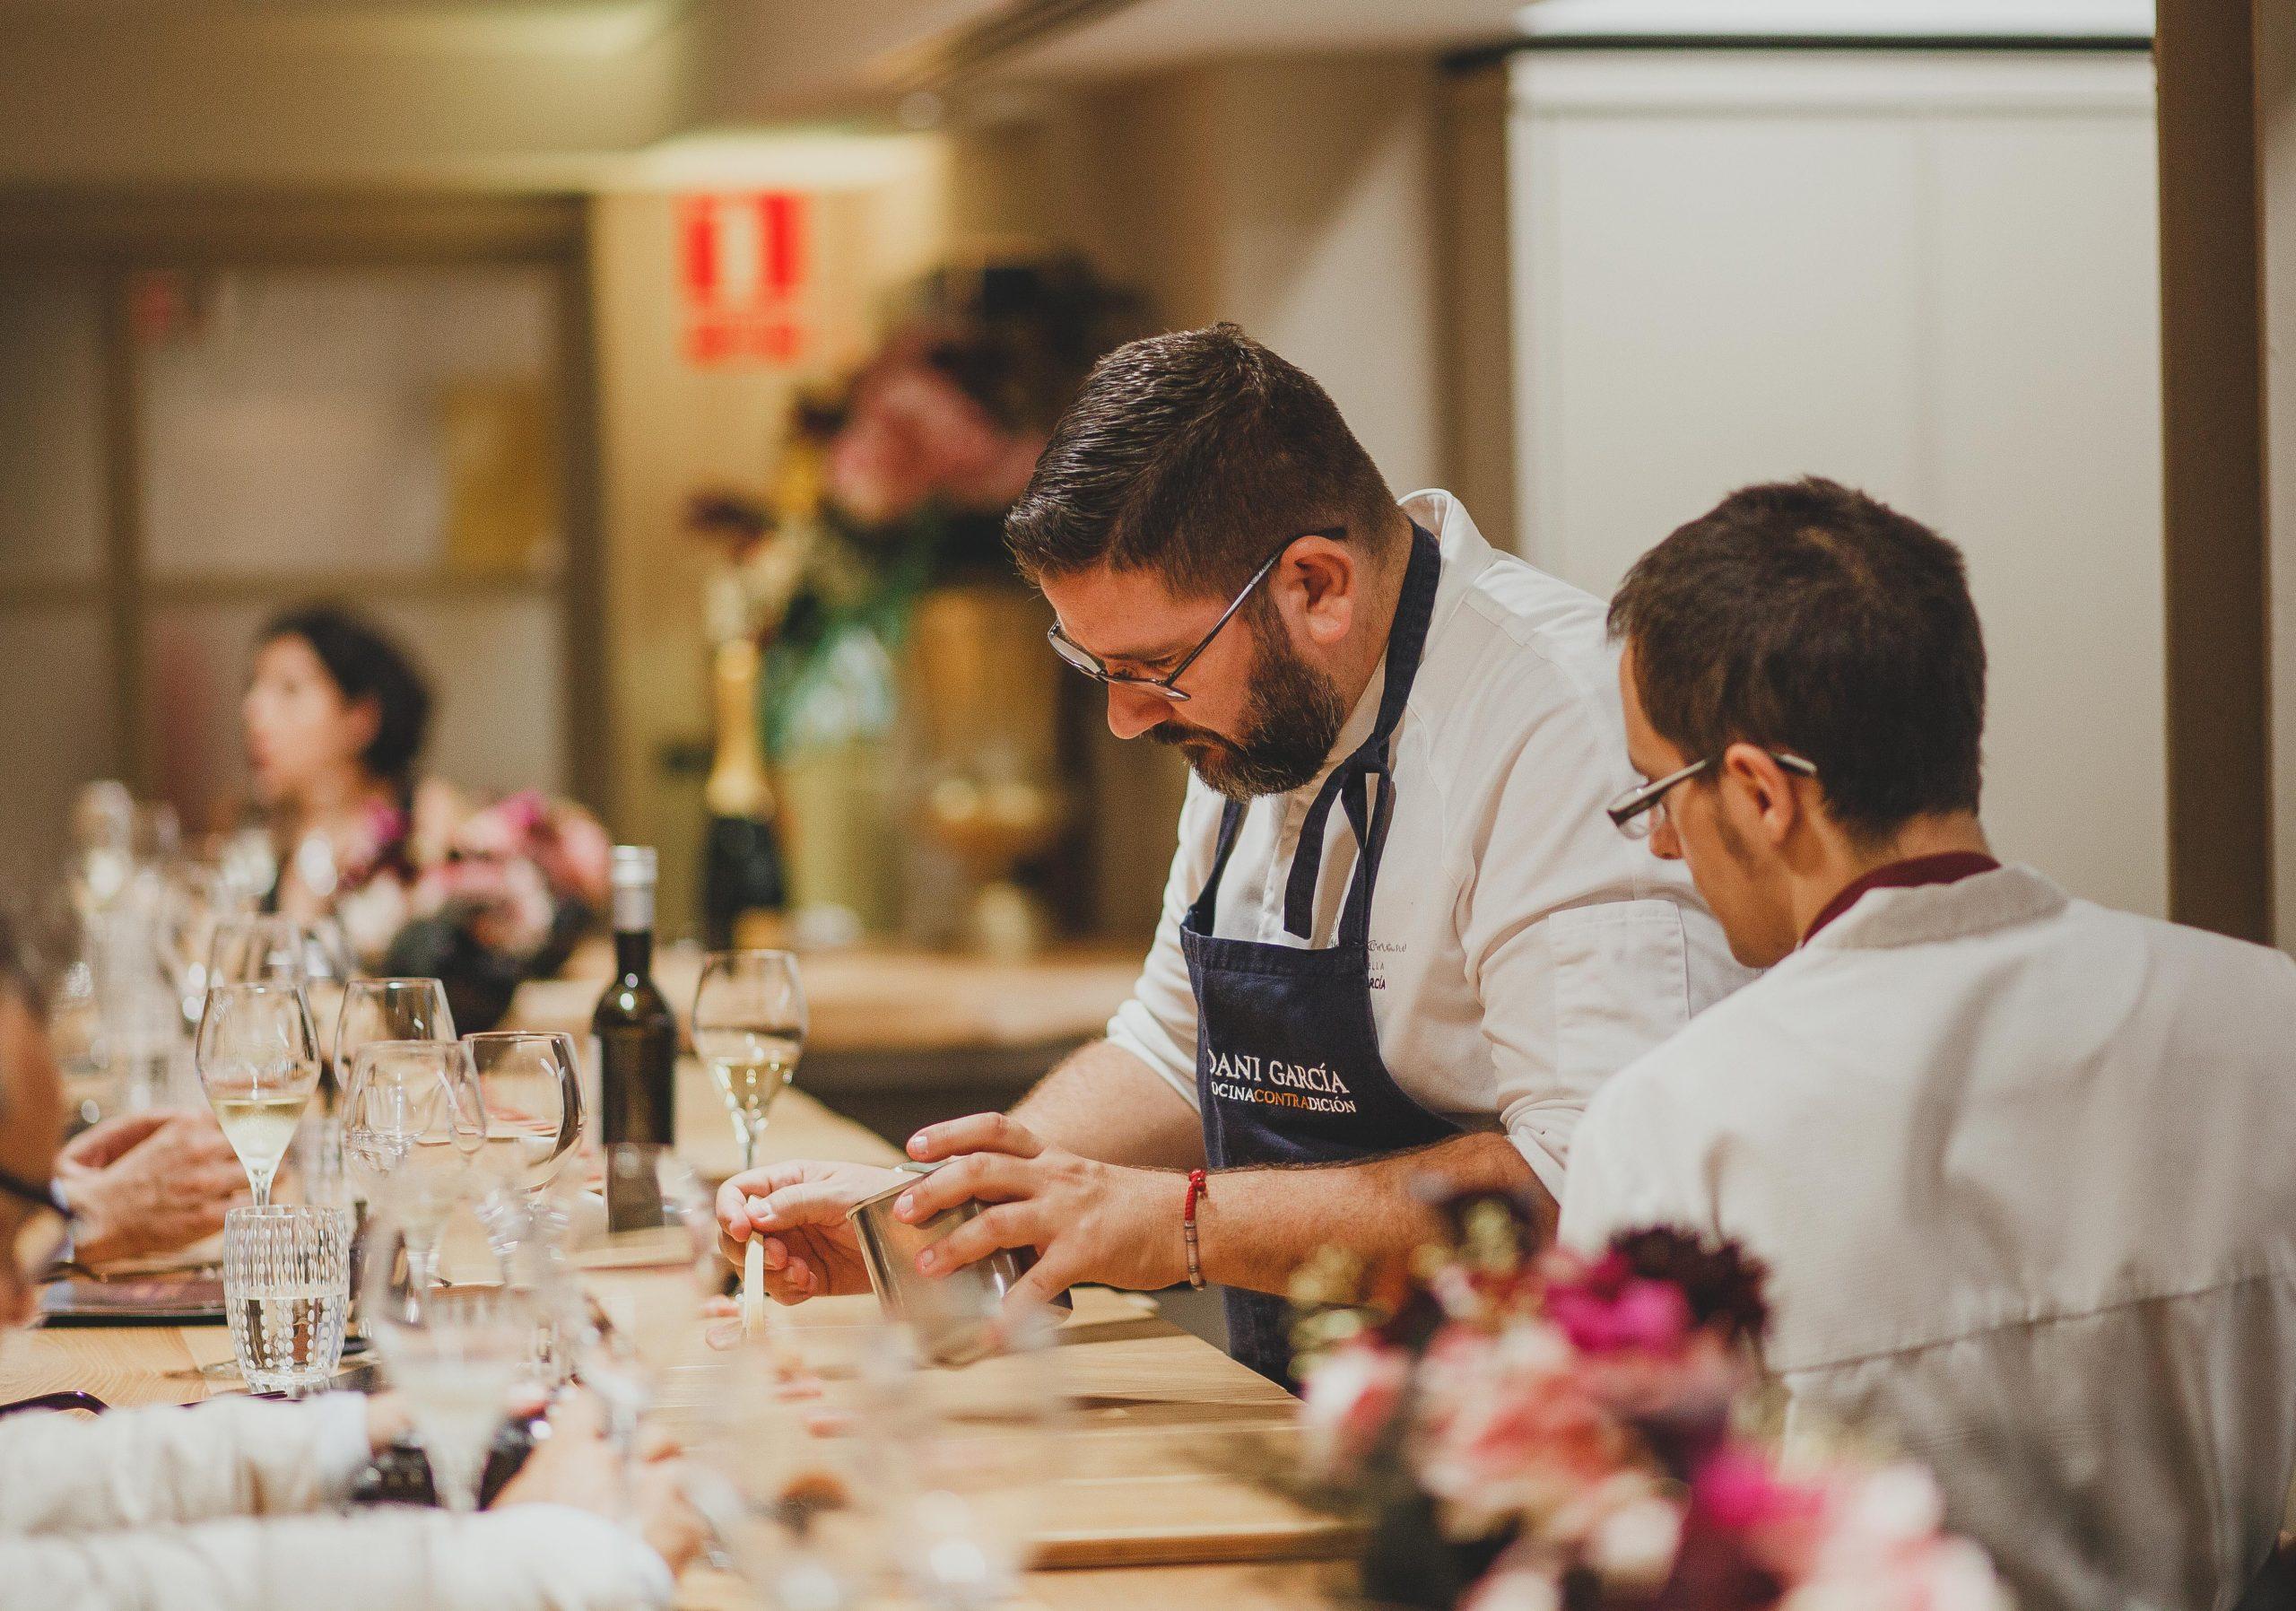 El Chef Dani García / Foto: Grupo Dani García